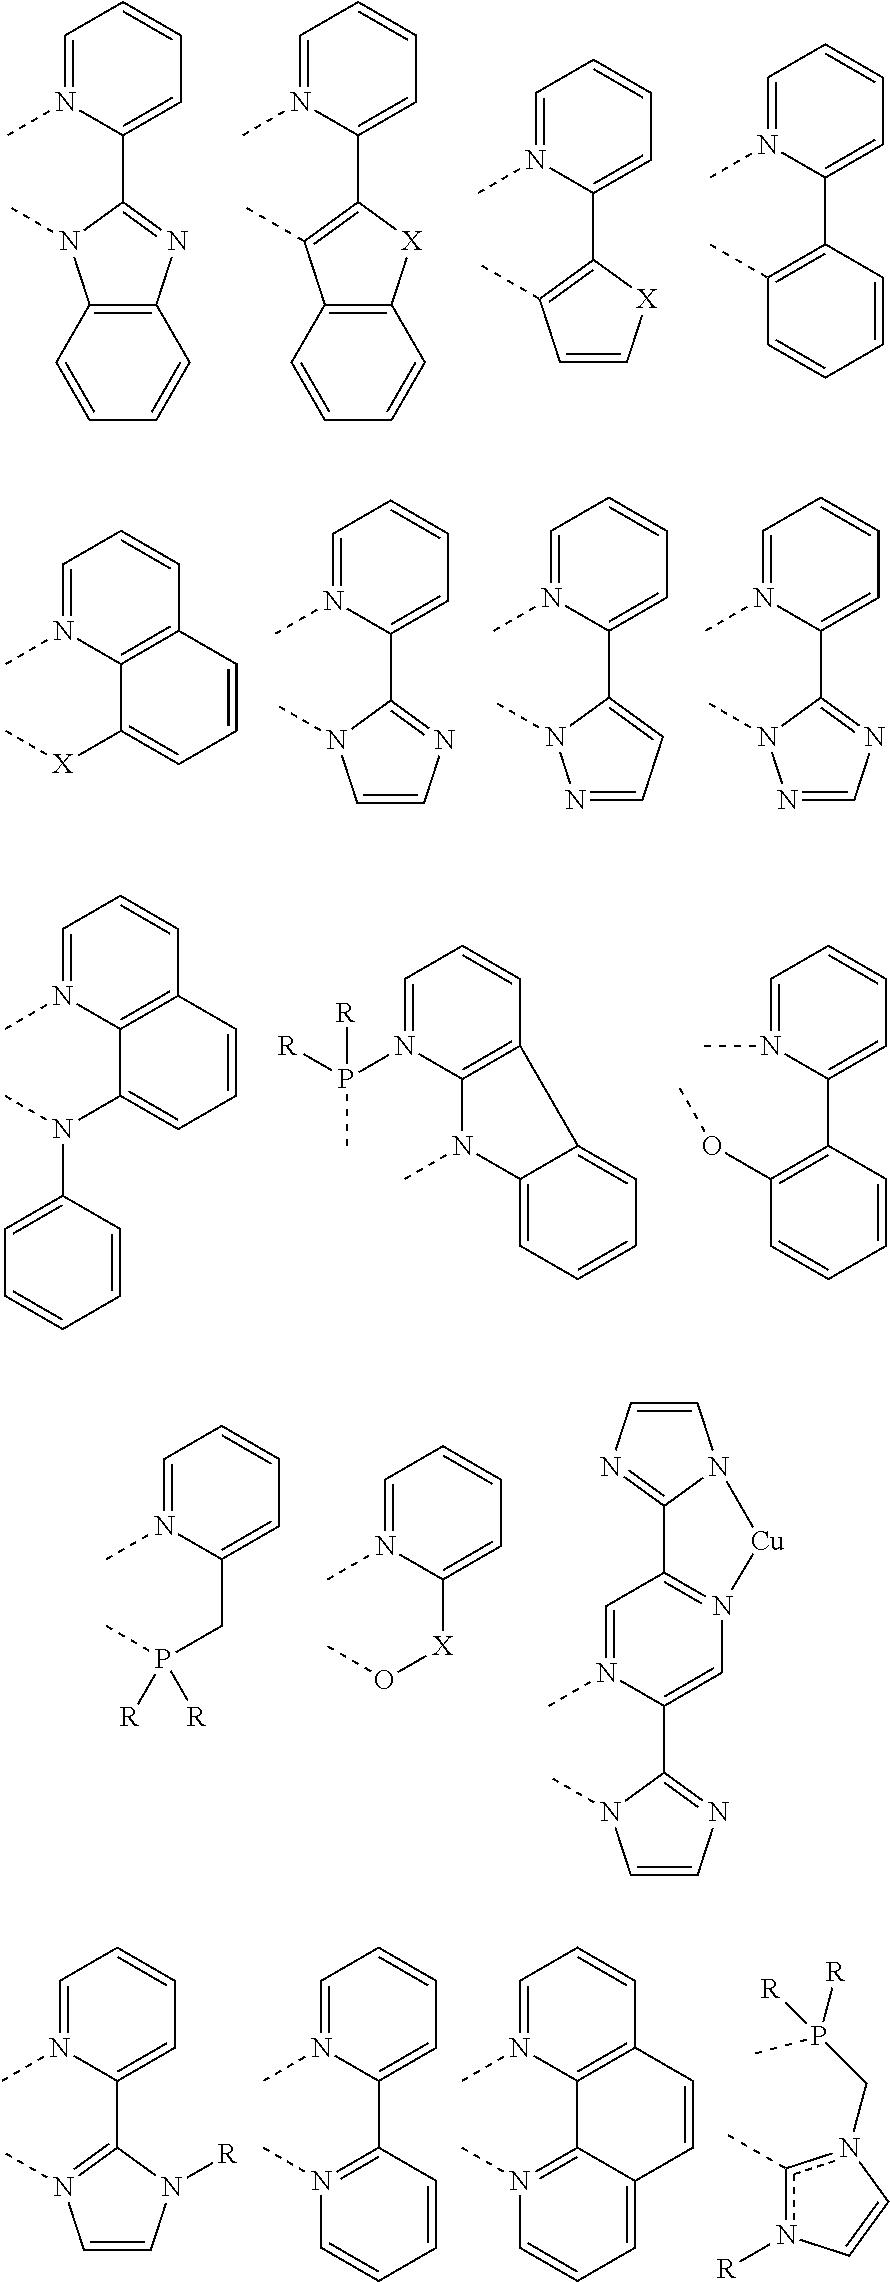 Figure US09773986-20170926-C00049